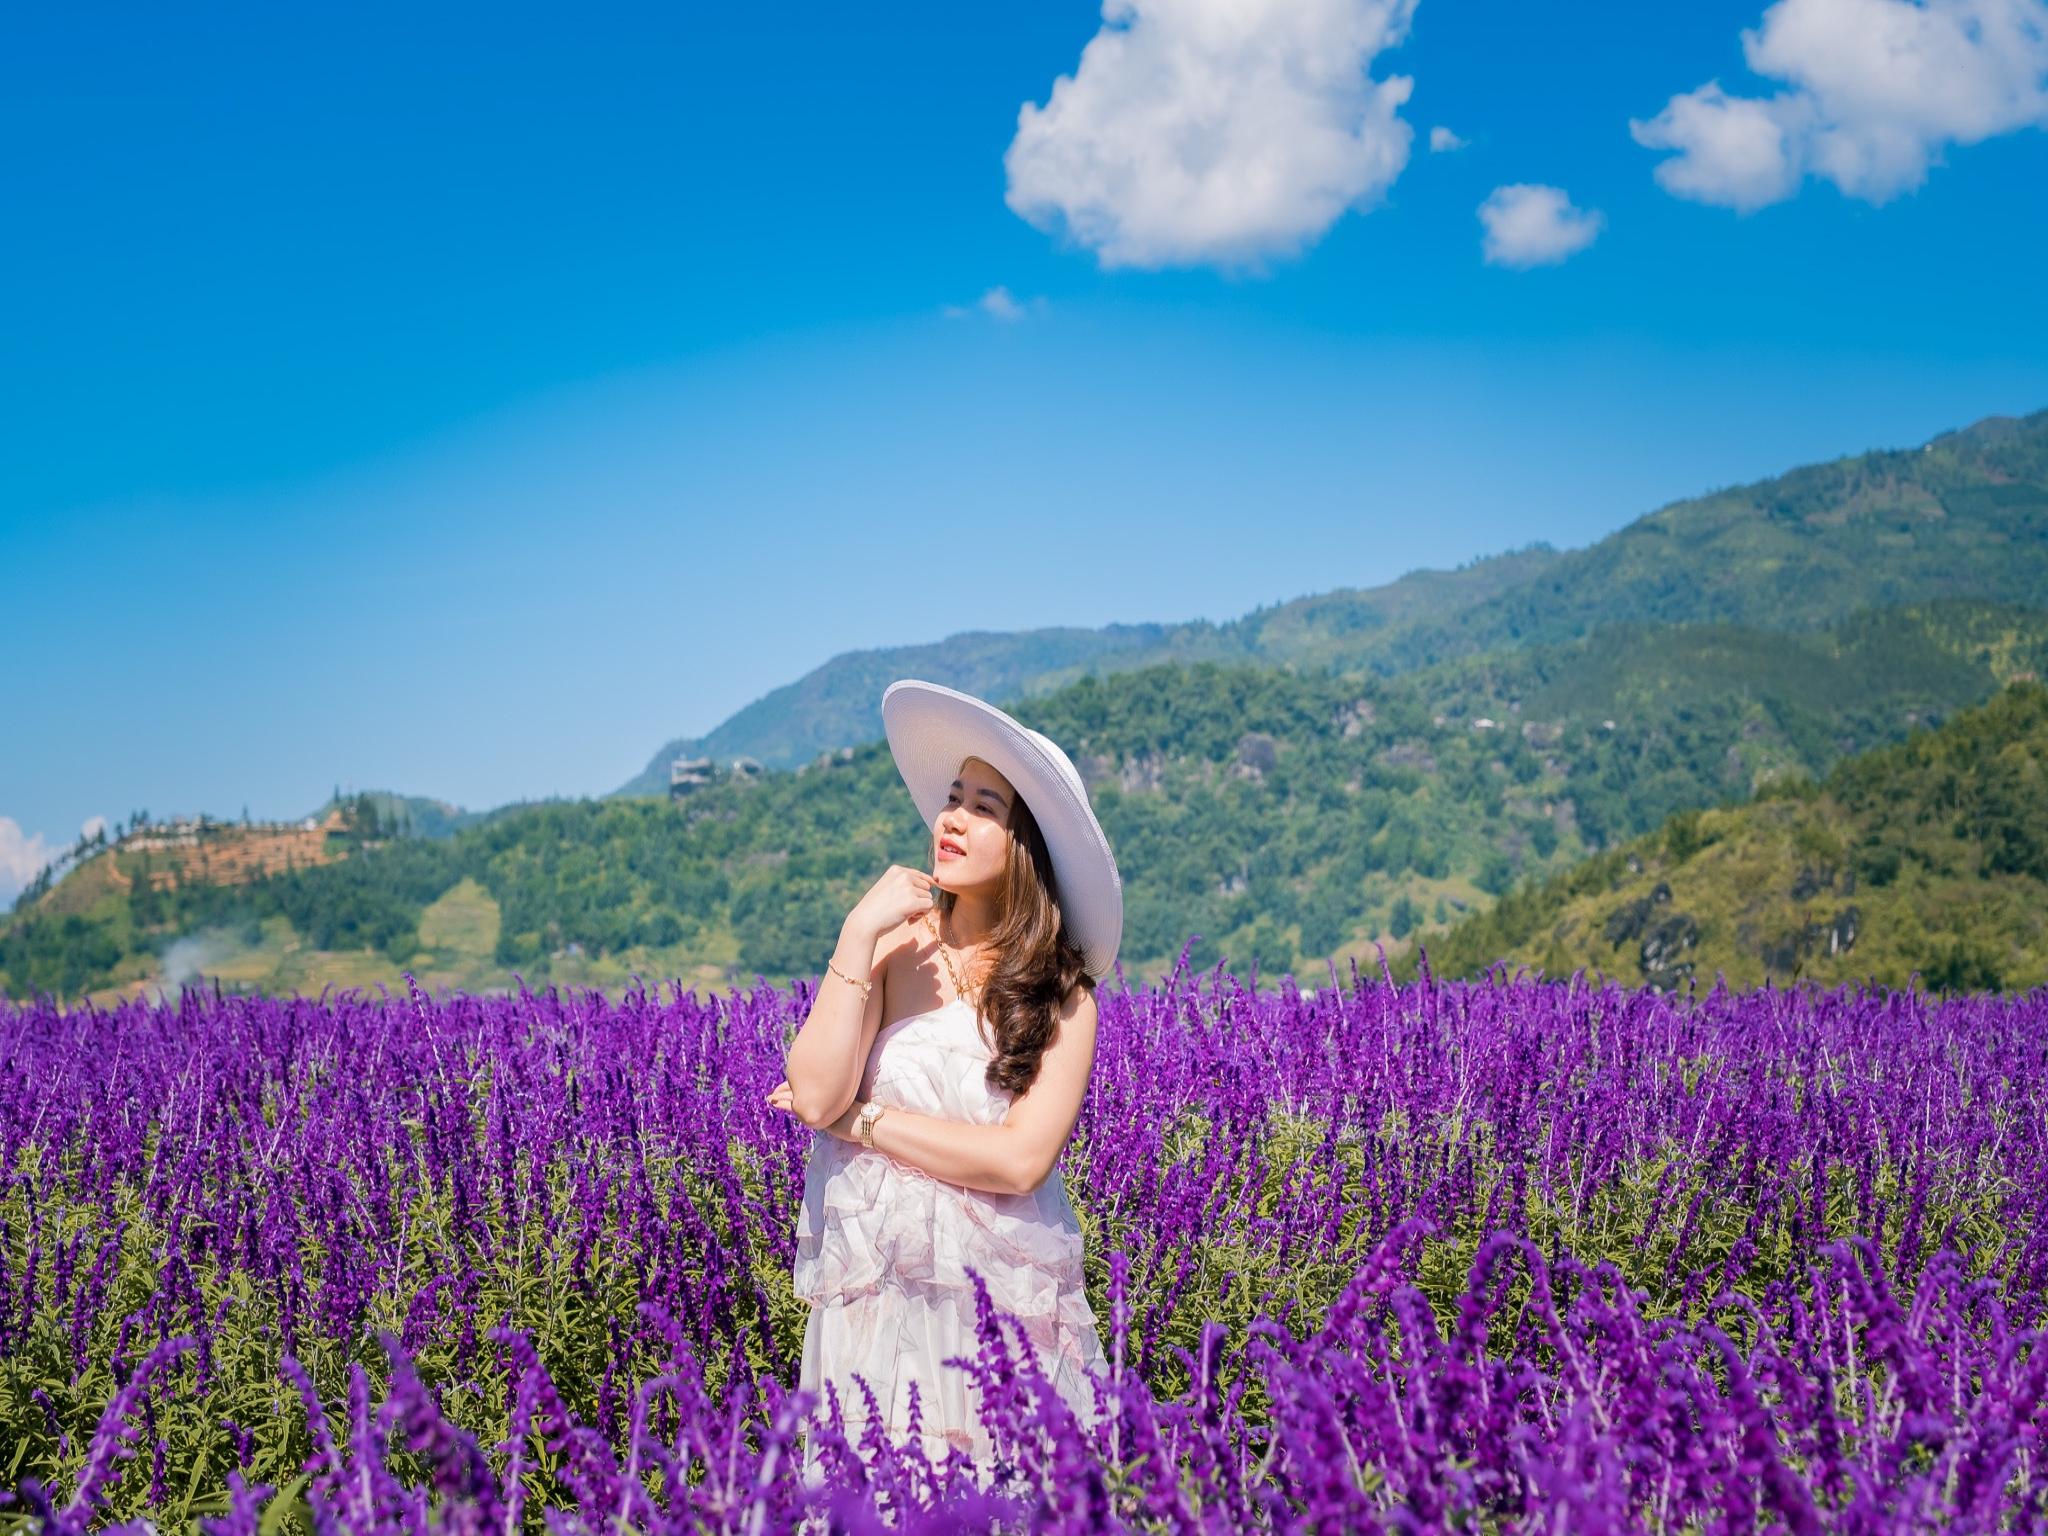 Mê mẩn trước vườn hoa Lavender ở Sa Pa